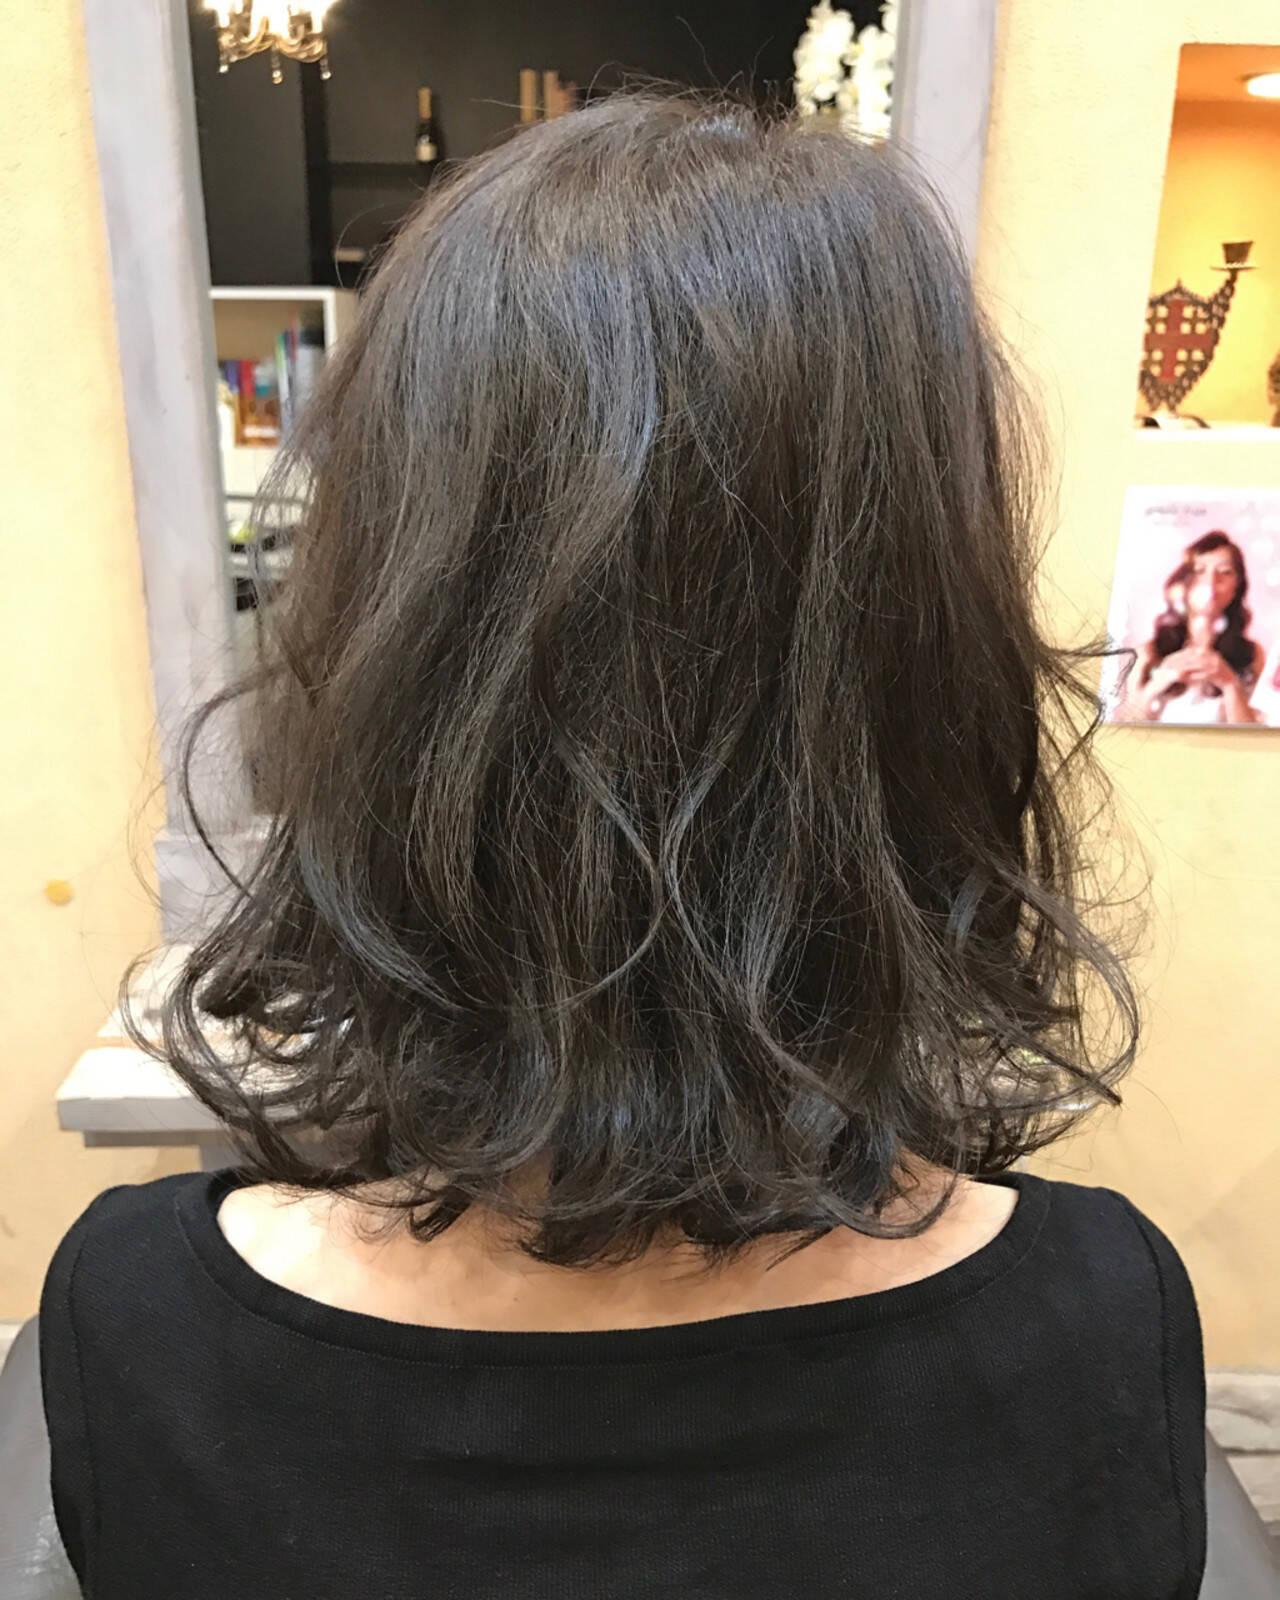 ボブ アッシュグレージュ 切りっぱなし ミディアムヘアスタイルや髪型の写真・画像